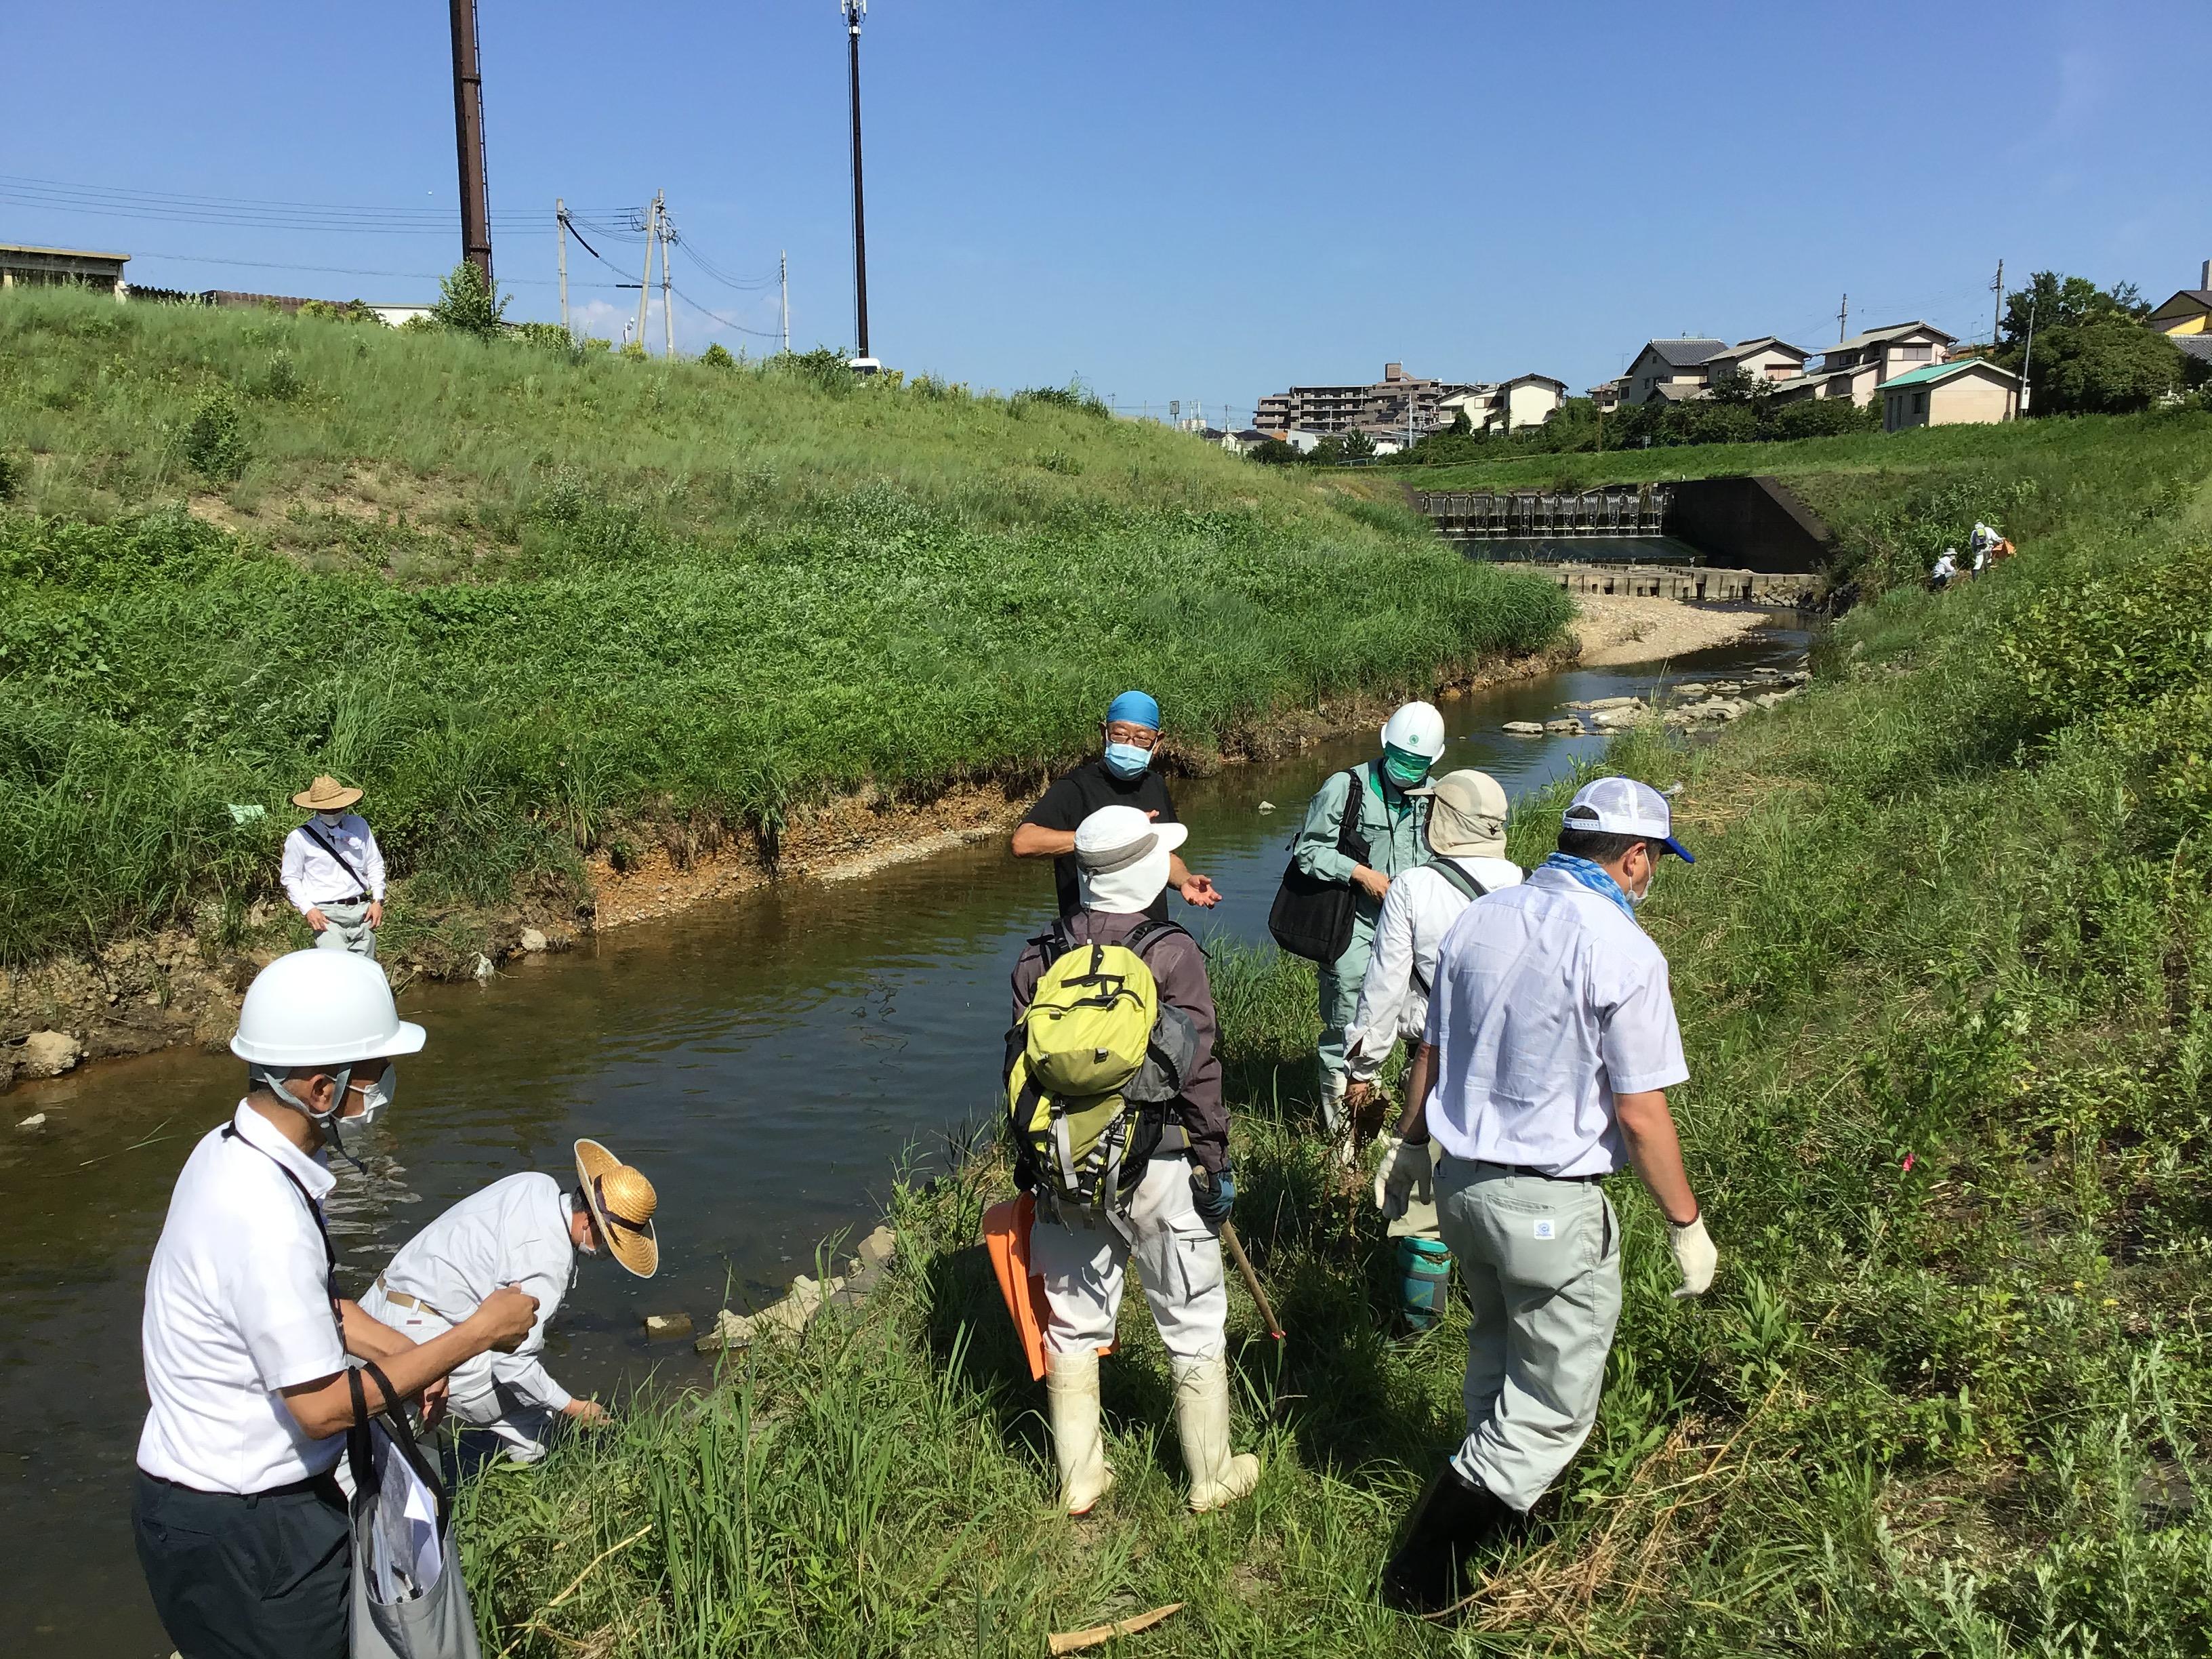 ナガエを探す職員の方々。中央リックサックはエコロジーの丸井代表。河川砂防課の中村主査の背中は既に汗びっしょり💦